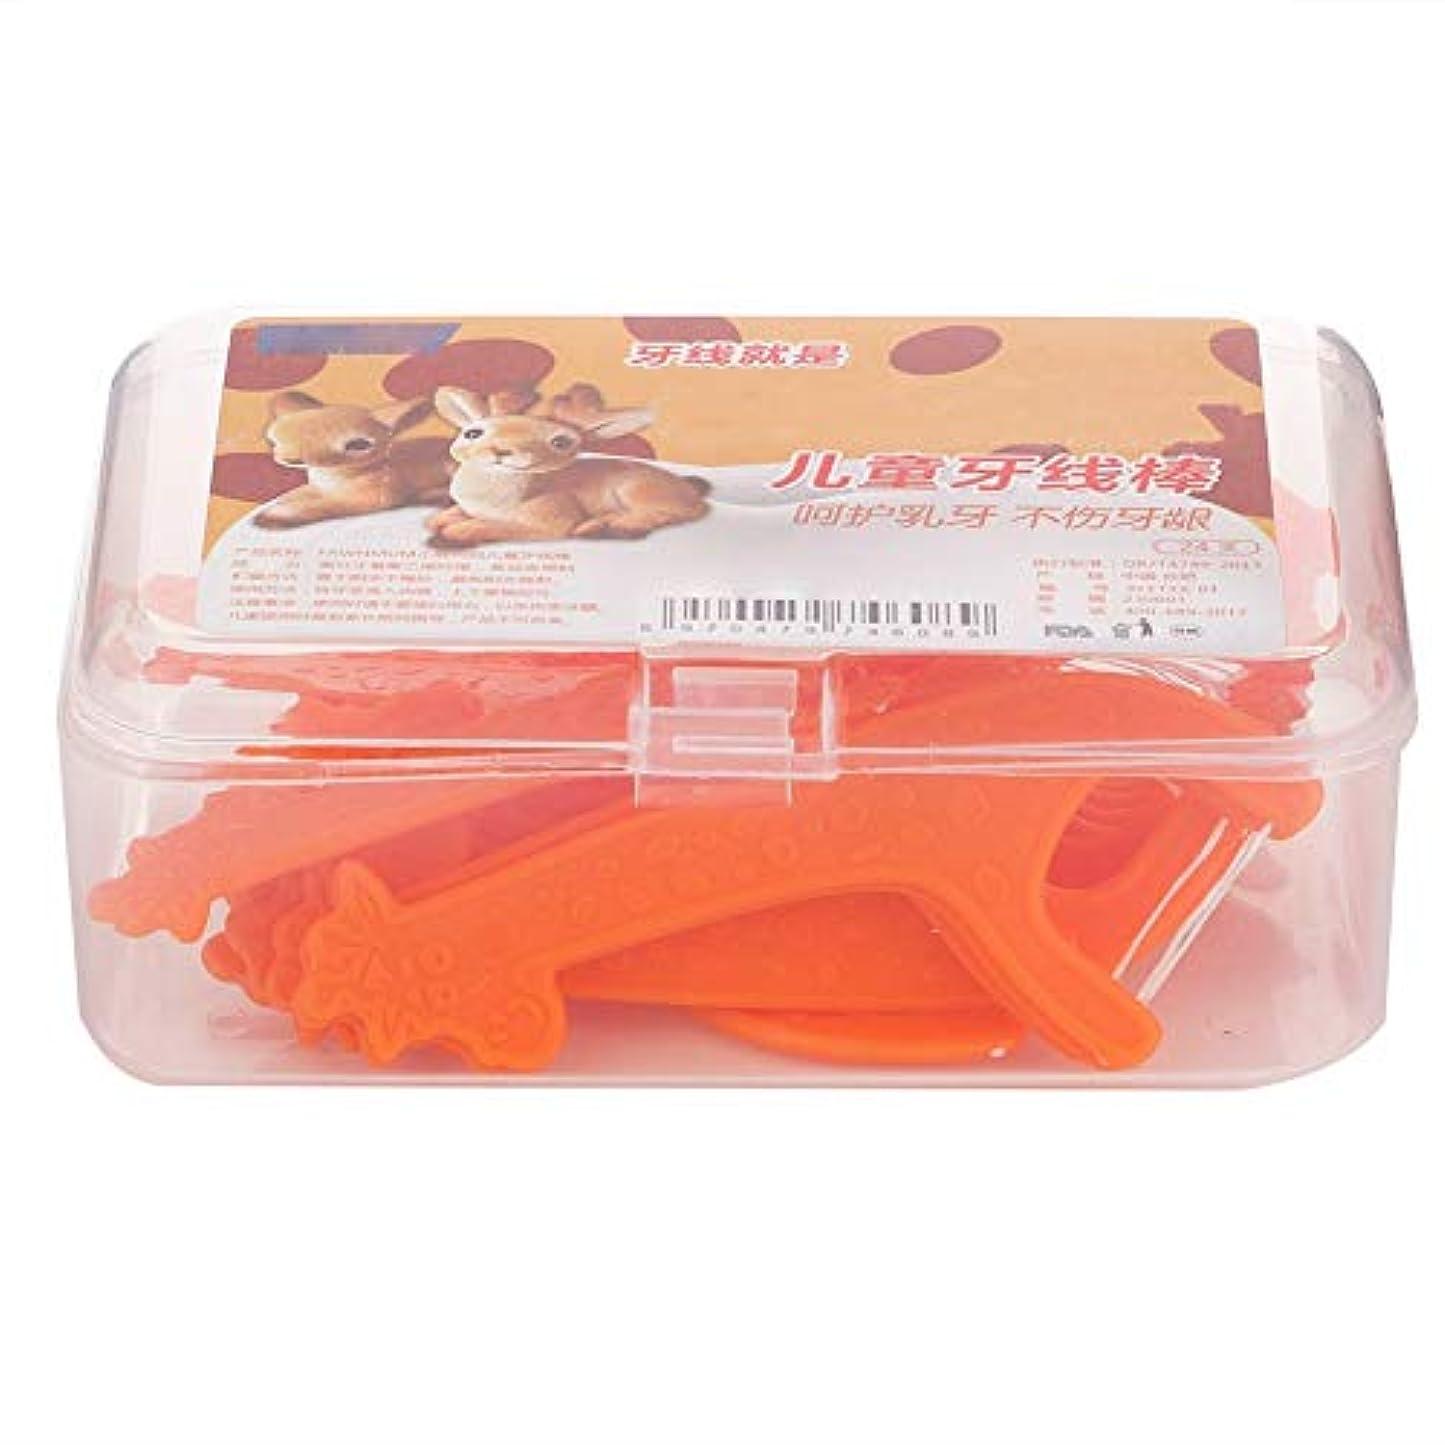 ウミウシ玉ペイントデンタルフロス、子供デンタルフロスつまようじ使い捨て歯スティック子供のための歯のクリーナー歯のケアツール(24個/箱)